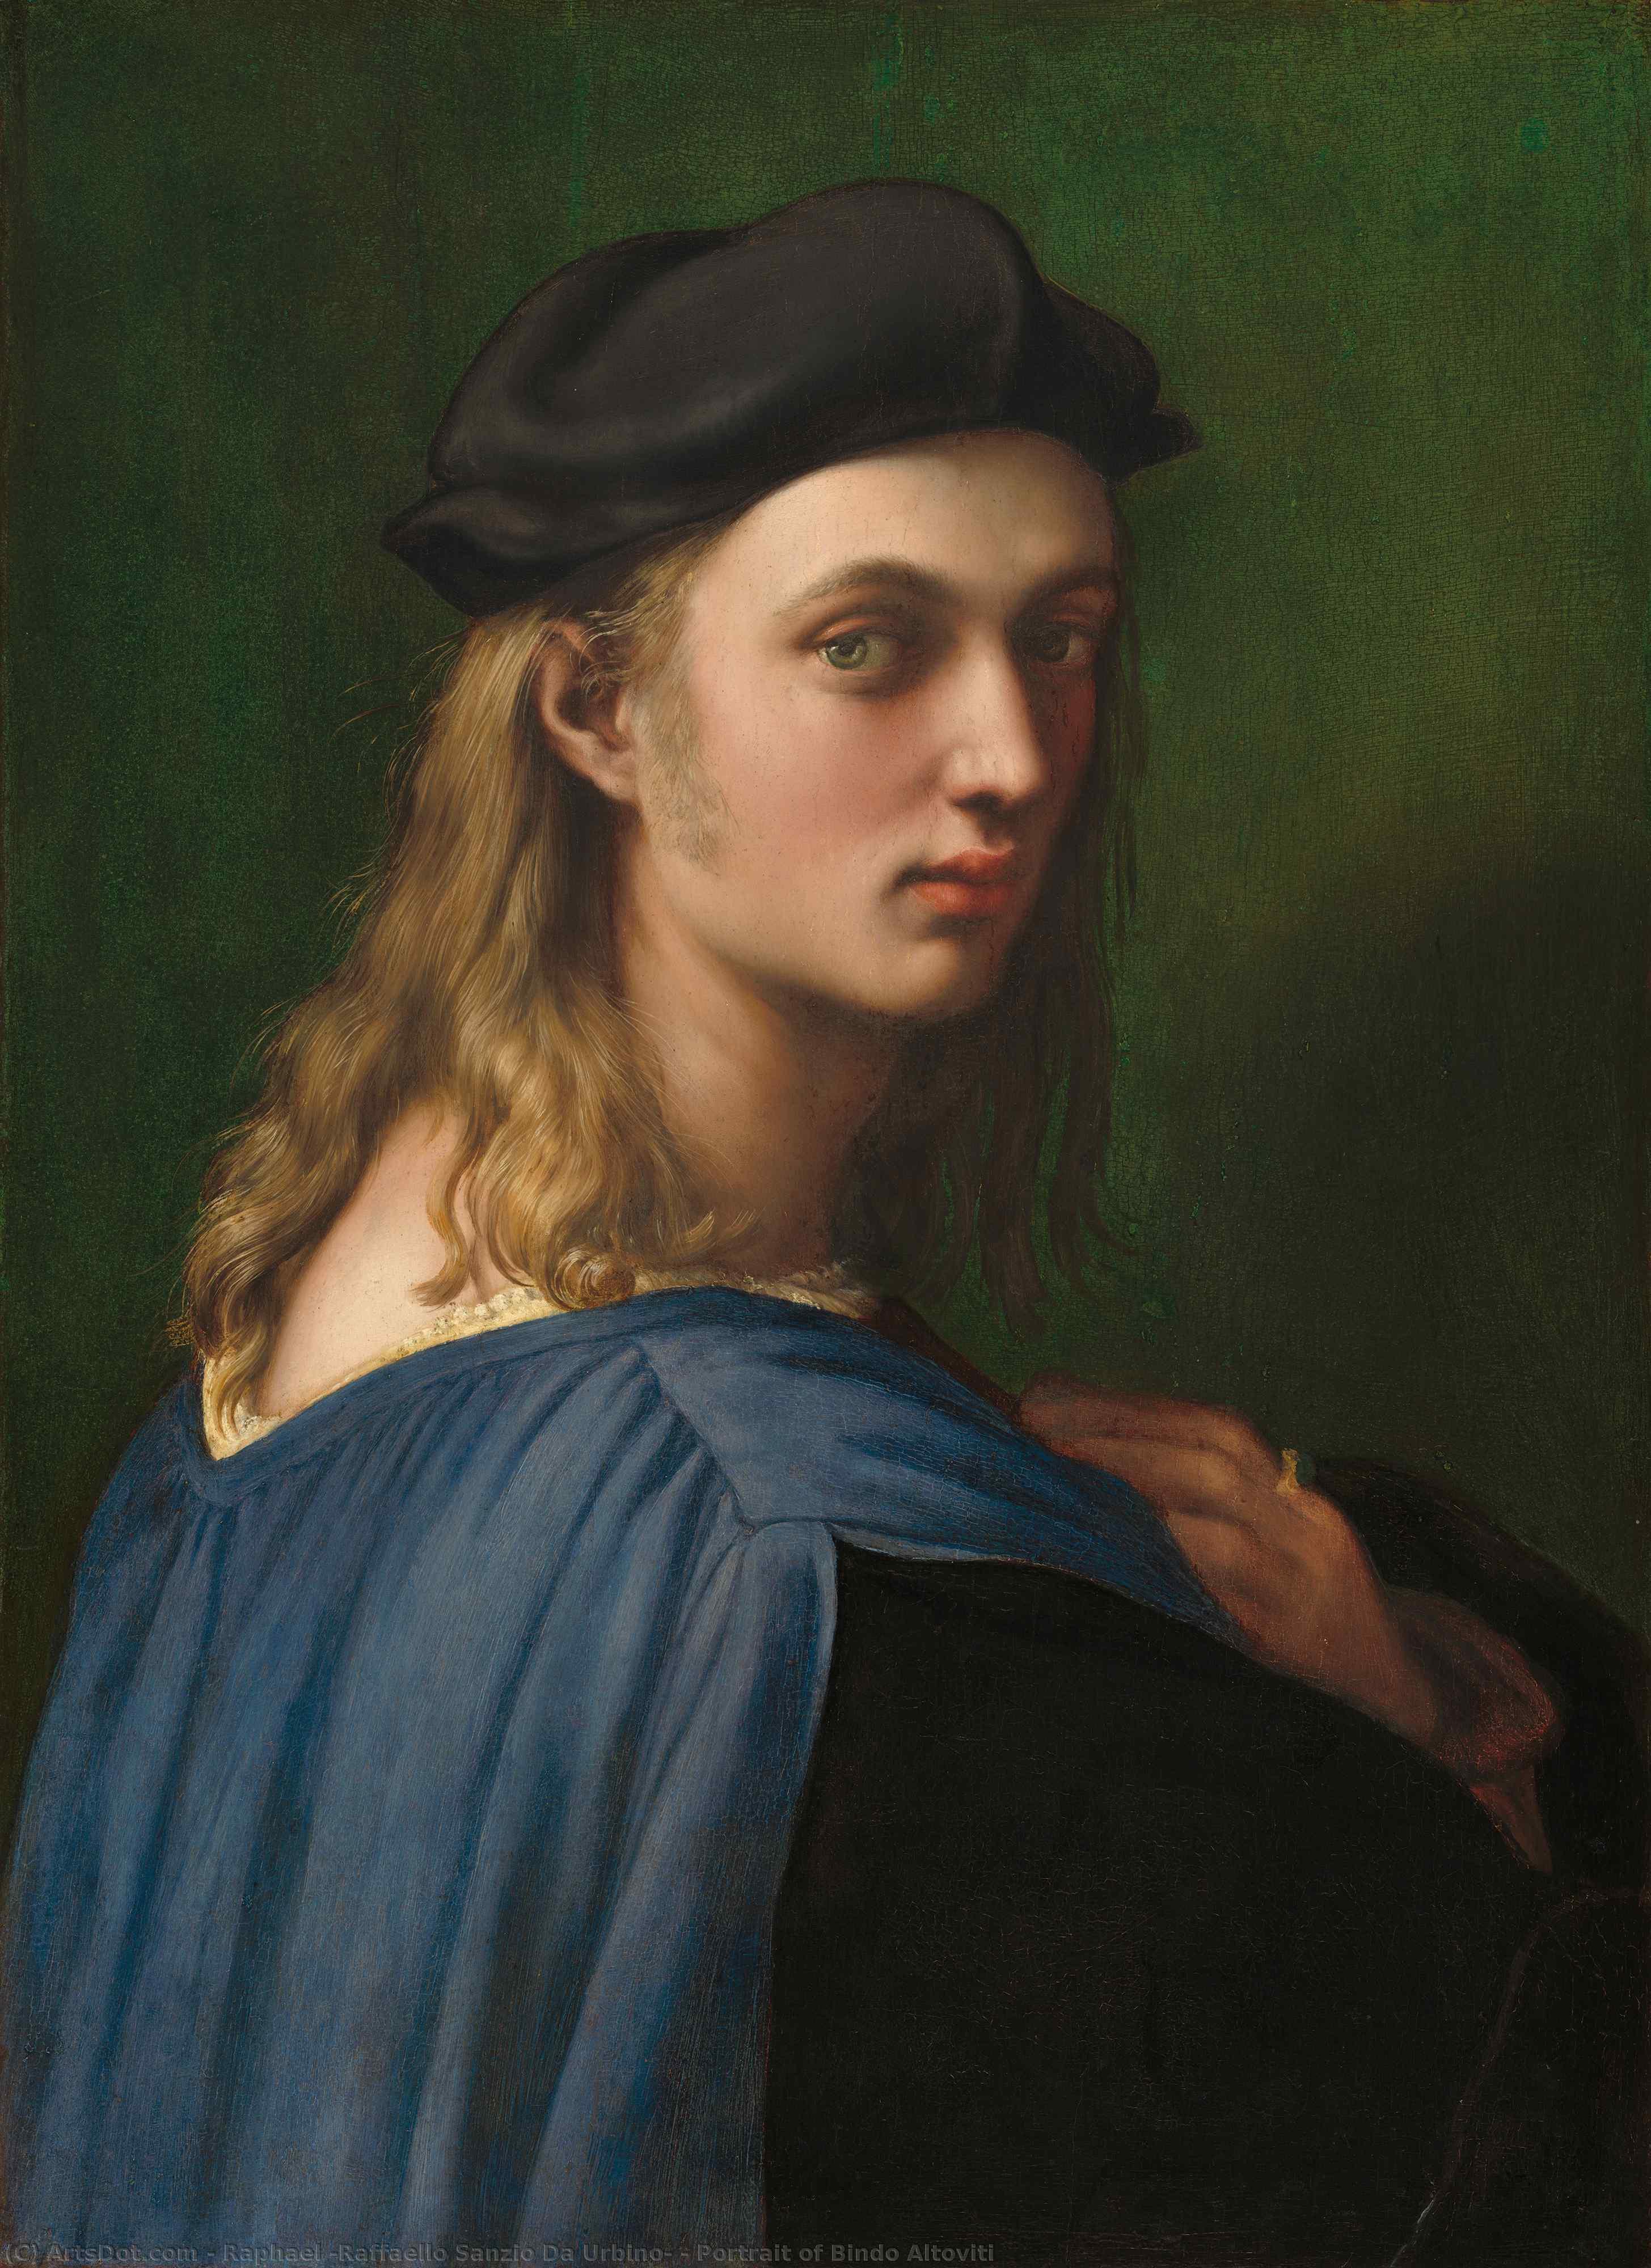 Wikioo.org - The Encyclopedia of Fine Arts - Painting, Artwork by Raphael (Raffaello Sanzio Da Urbino) - Portrait of Bindo Altoviti